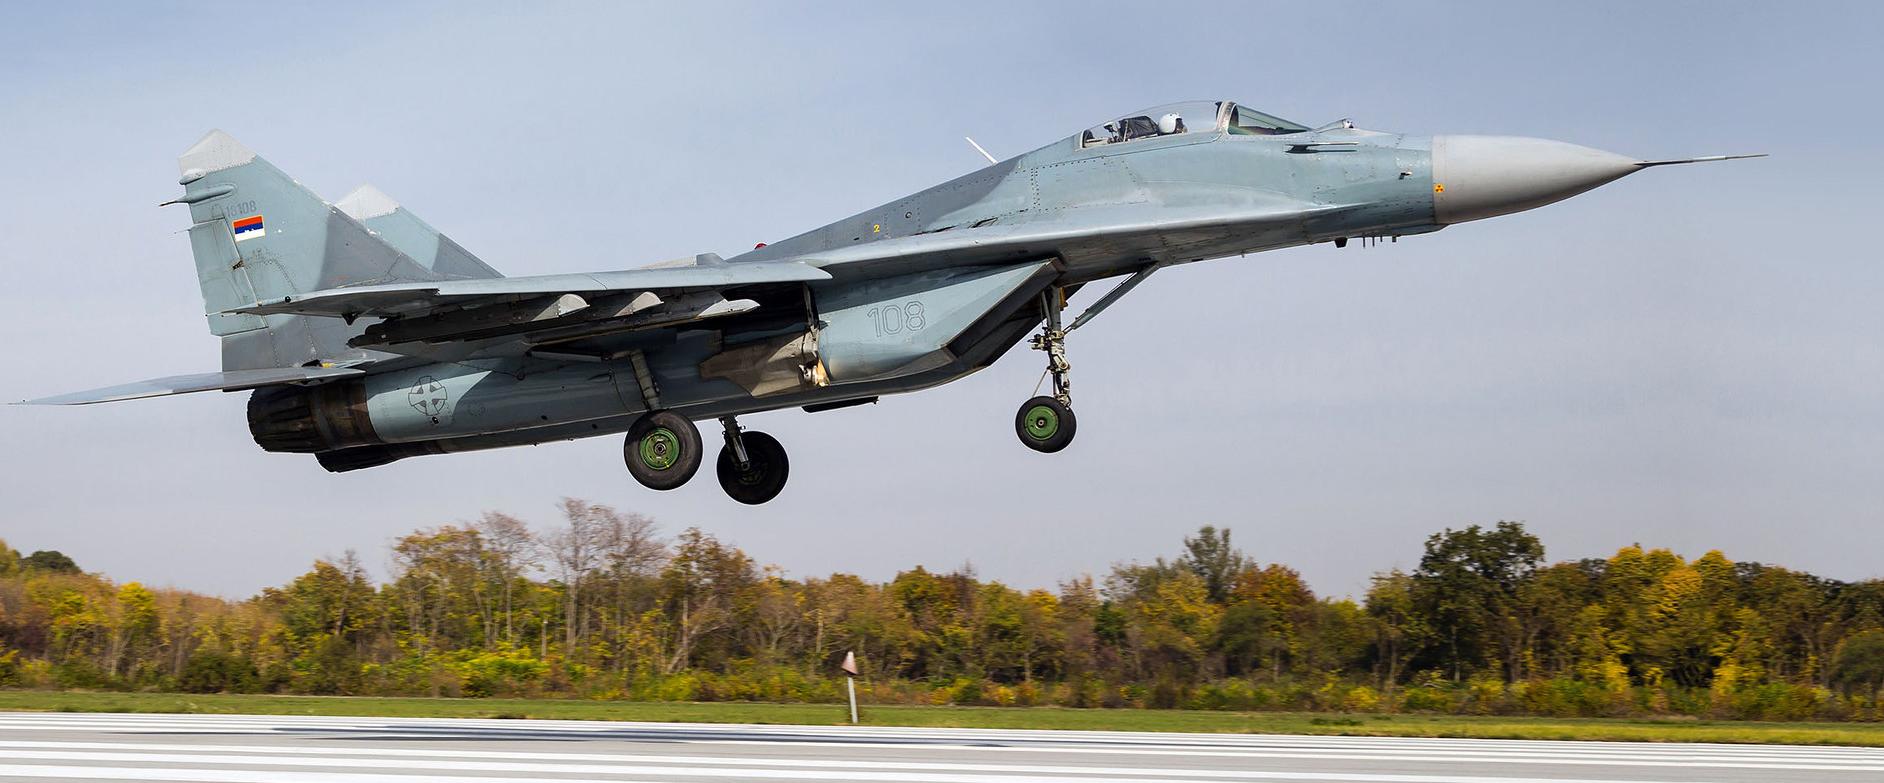 Serbian AF 101st Fighter Squadron - LYBT